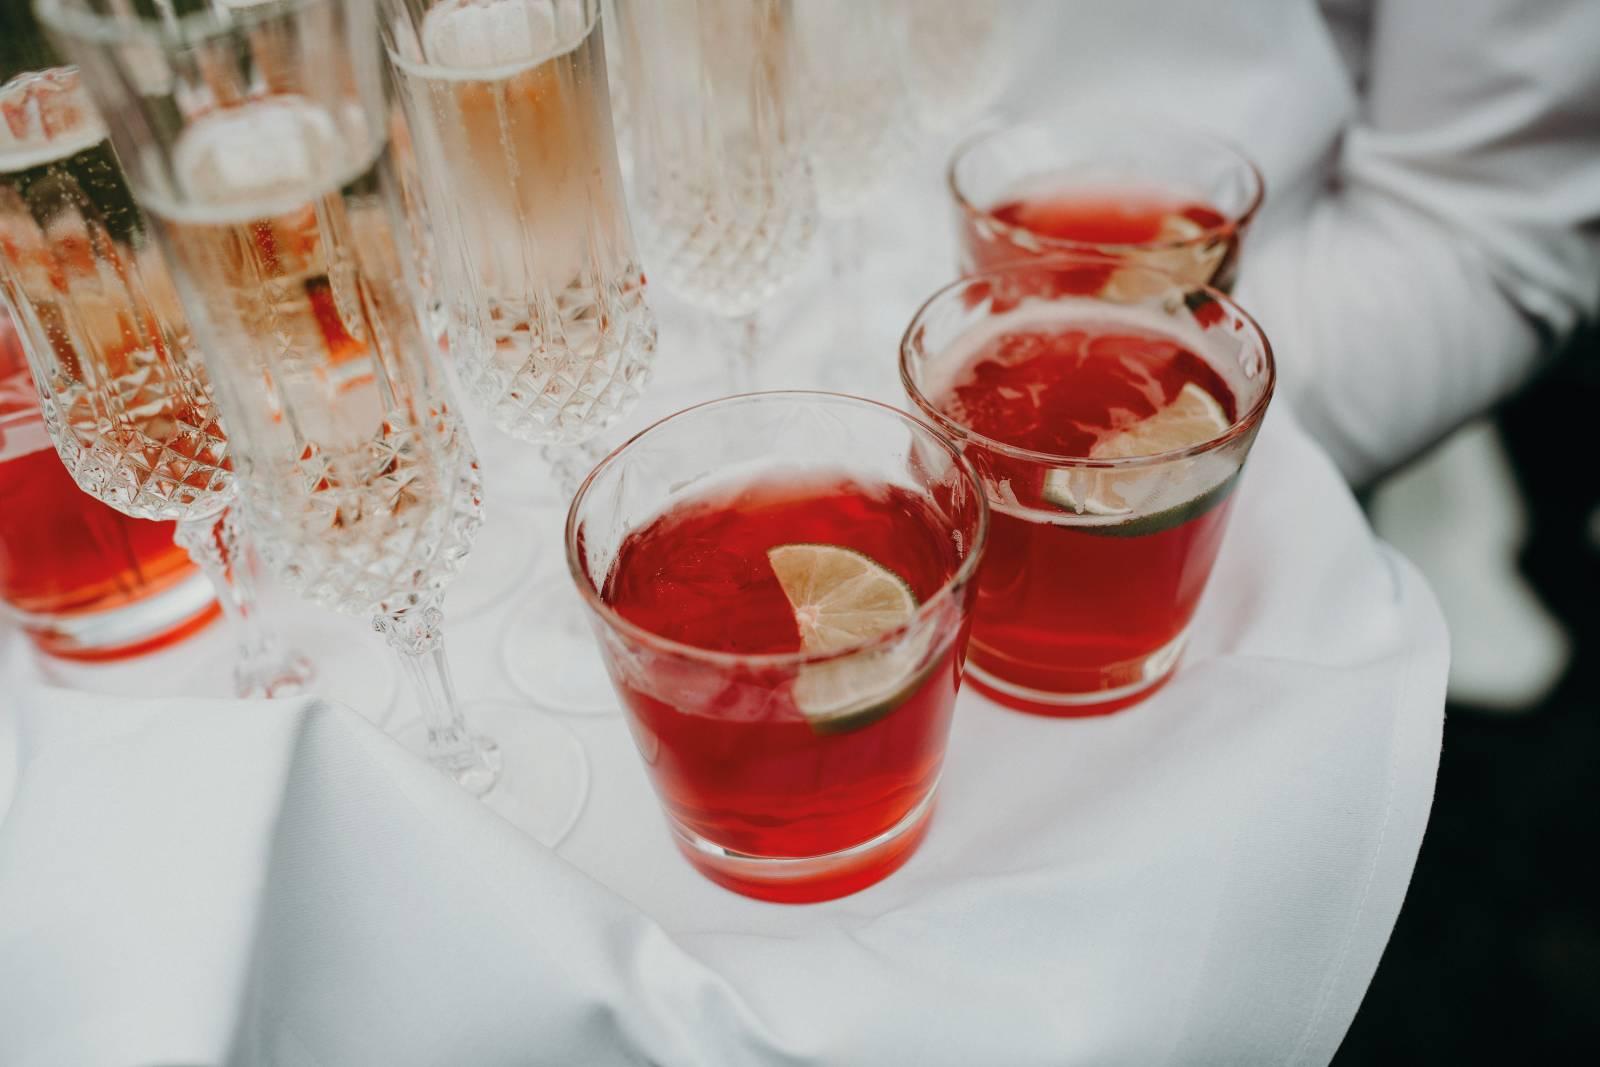 Silverspoon - Traiteur - Catering - Fotograaf Elke Van Den Ende - House of Weddings_02